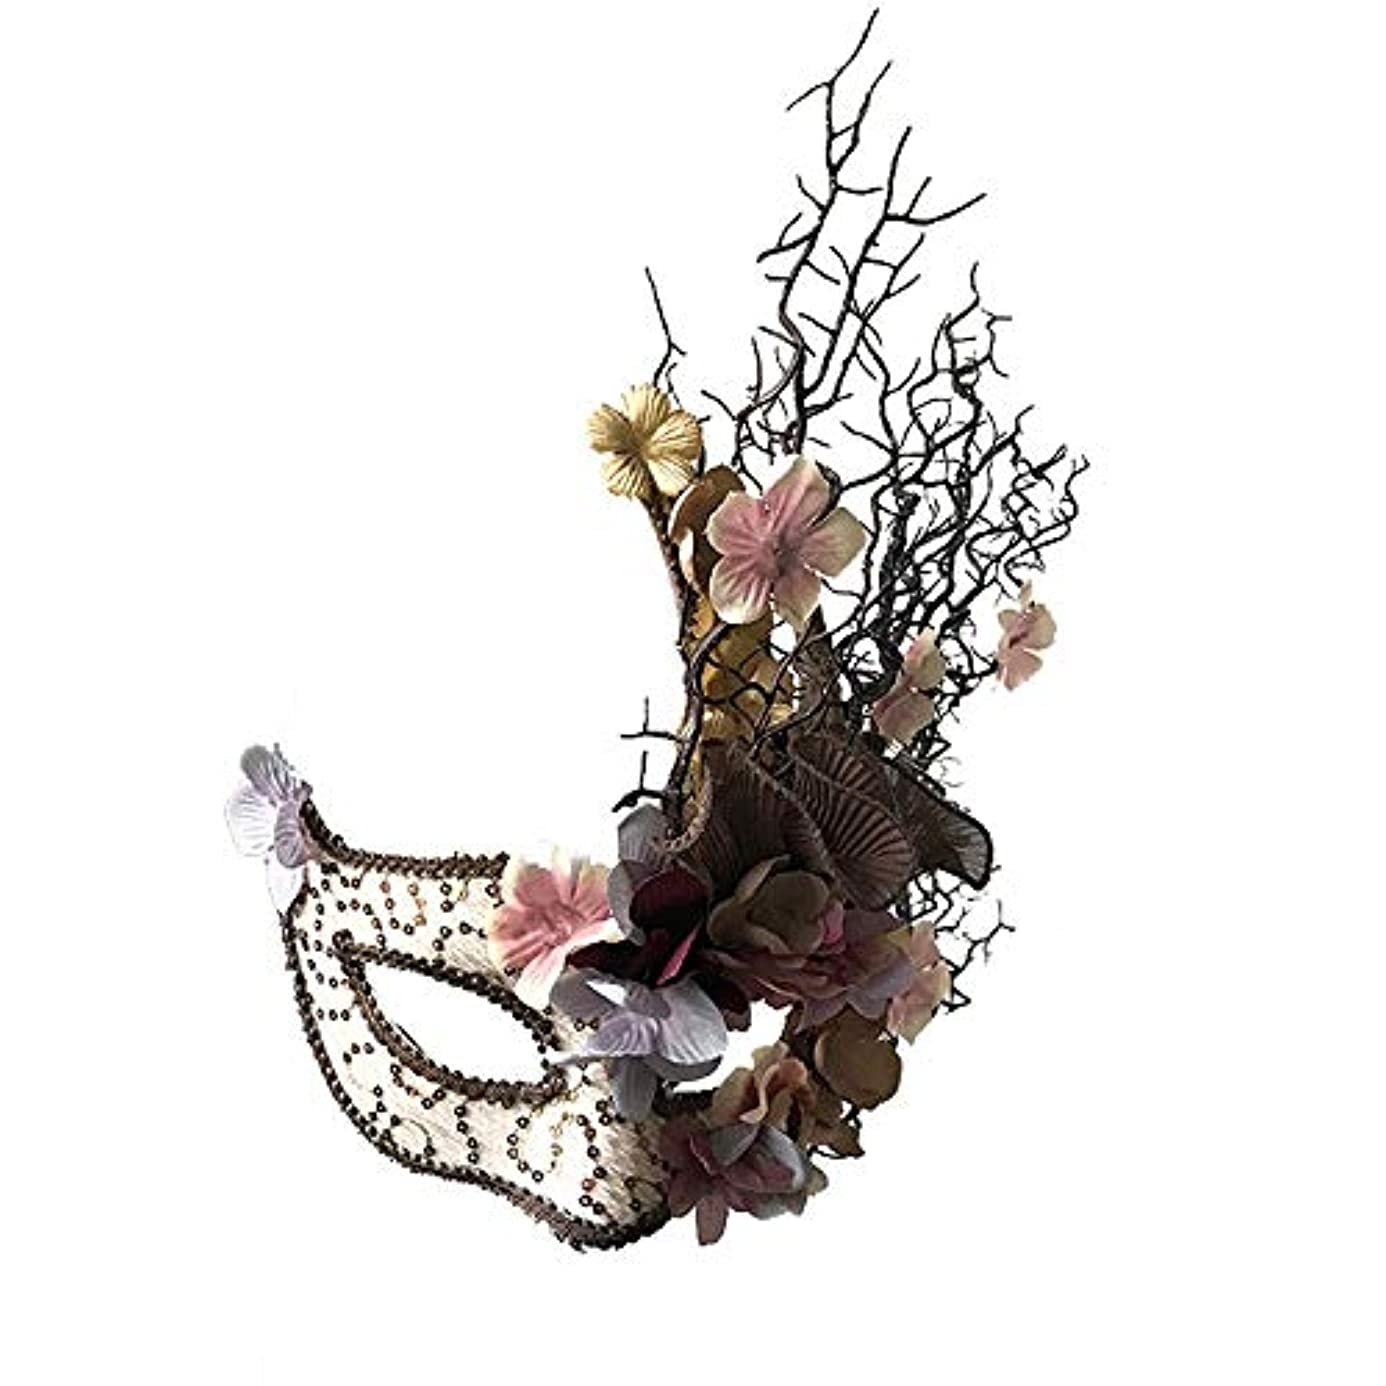 豚幅事Nanle ハロウィンプラムツリーブランチマスク仮装手持ちのマスクレディミスプリンセス美容祭パーティーデコレーション (色 : Pink hand-held)